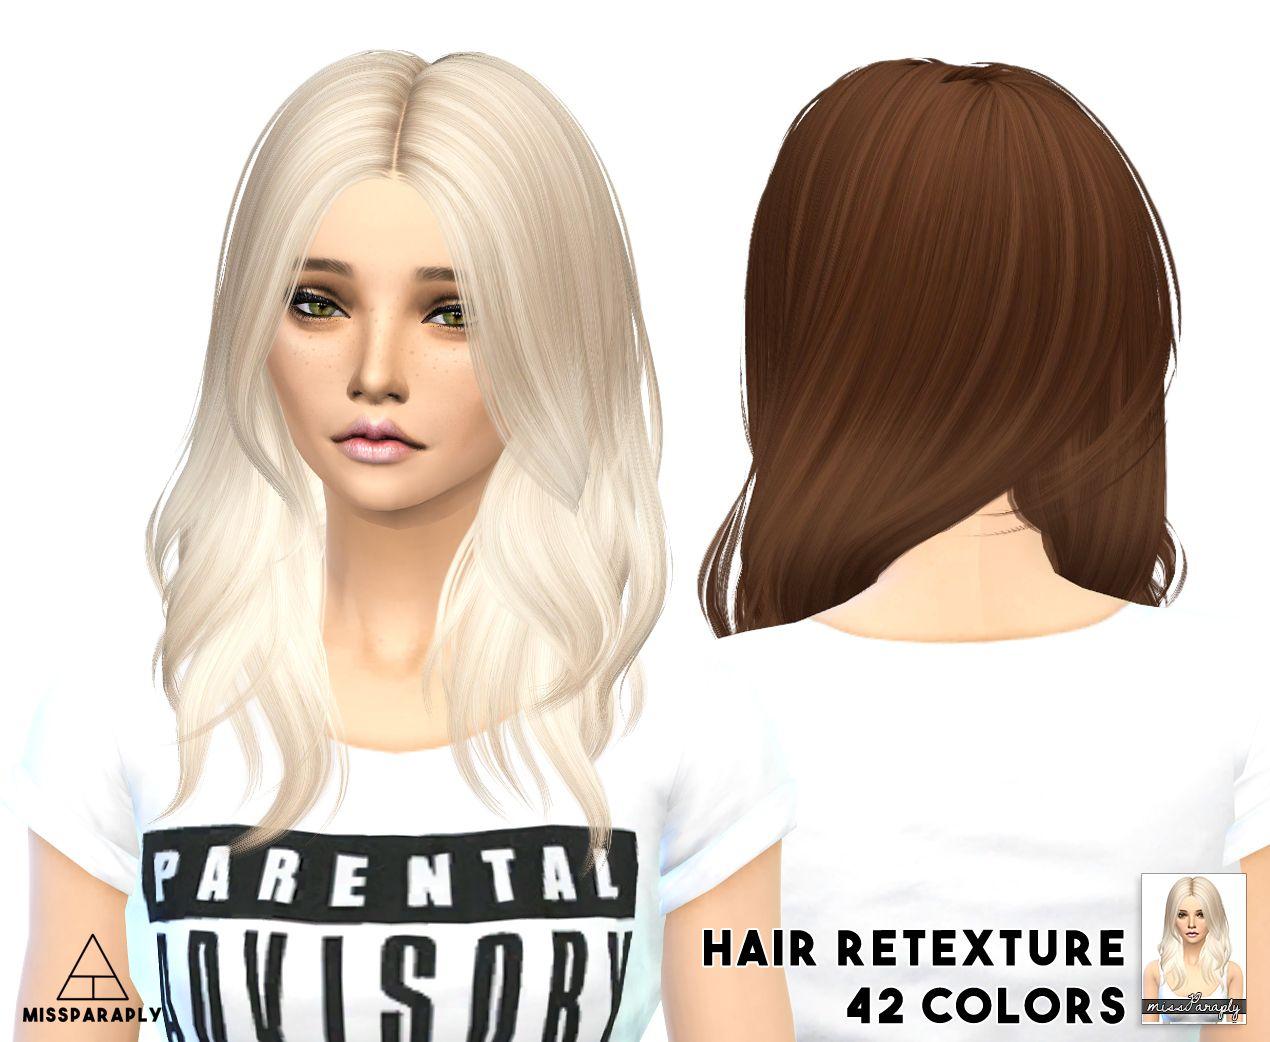 The sims 4 hairstyles cc - Hair